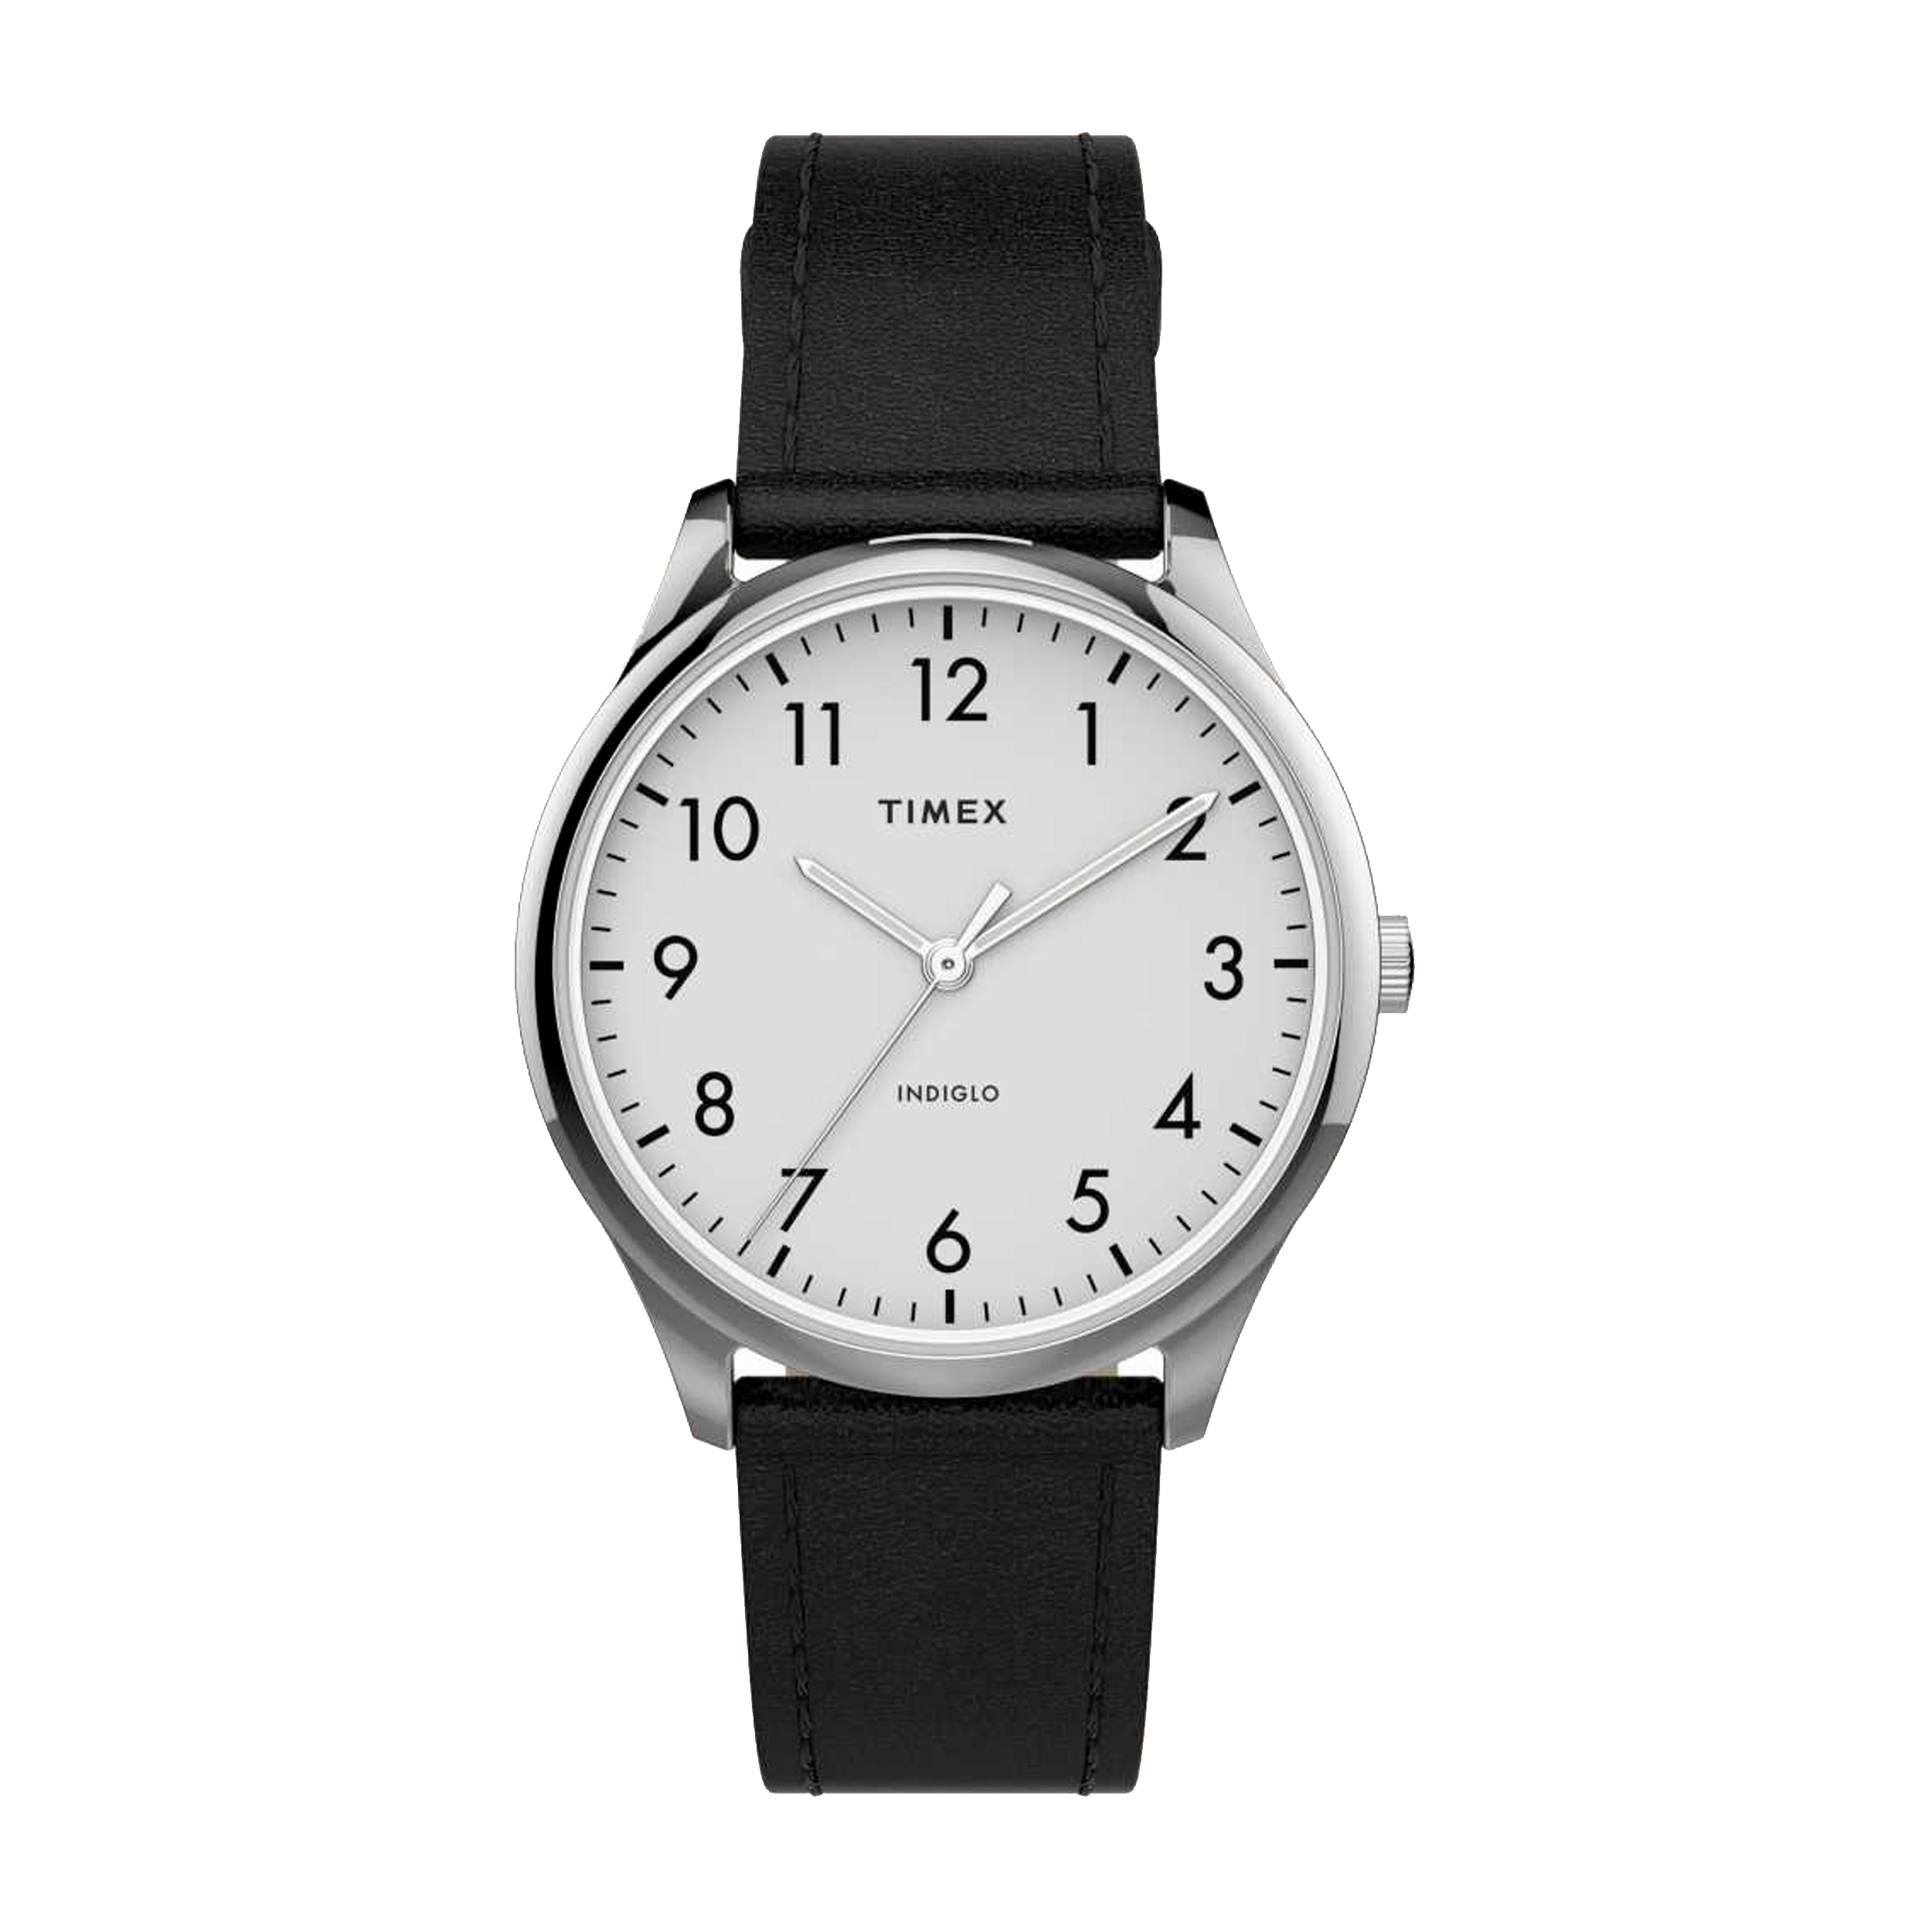 ساعت مچی عقربه ای زنانه تایمکس مدل TW2T72100